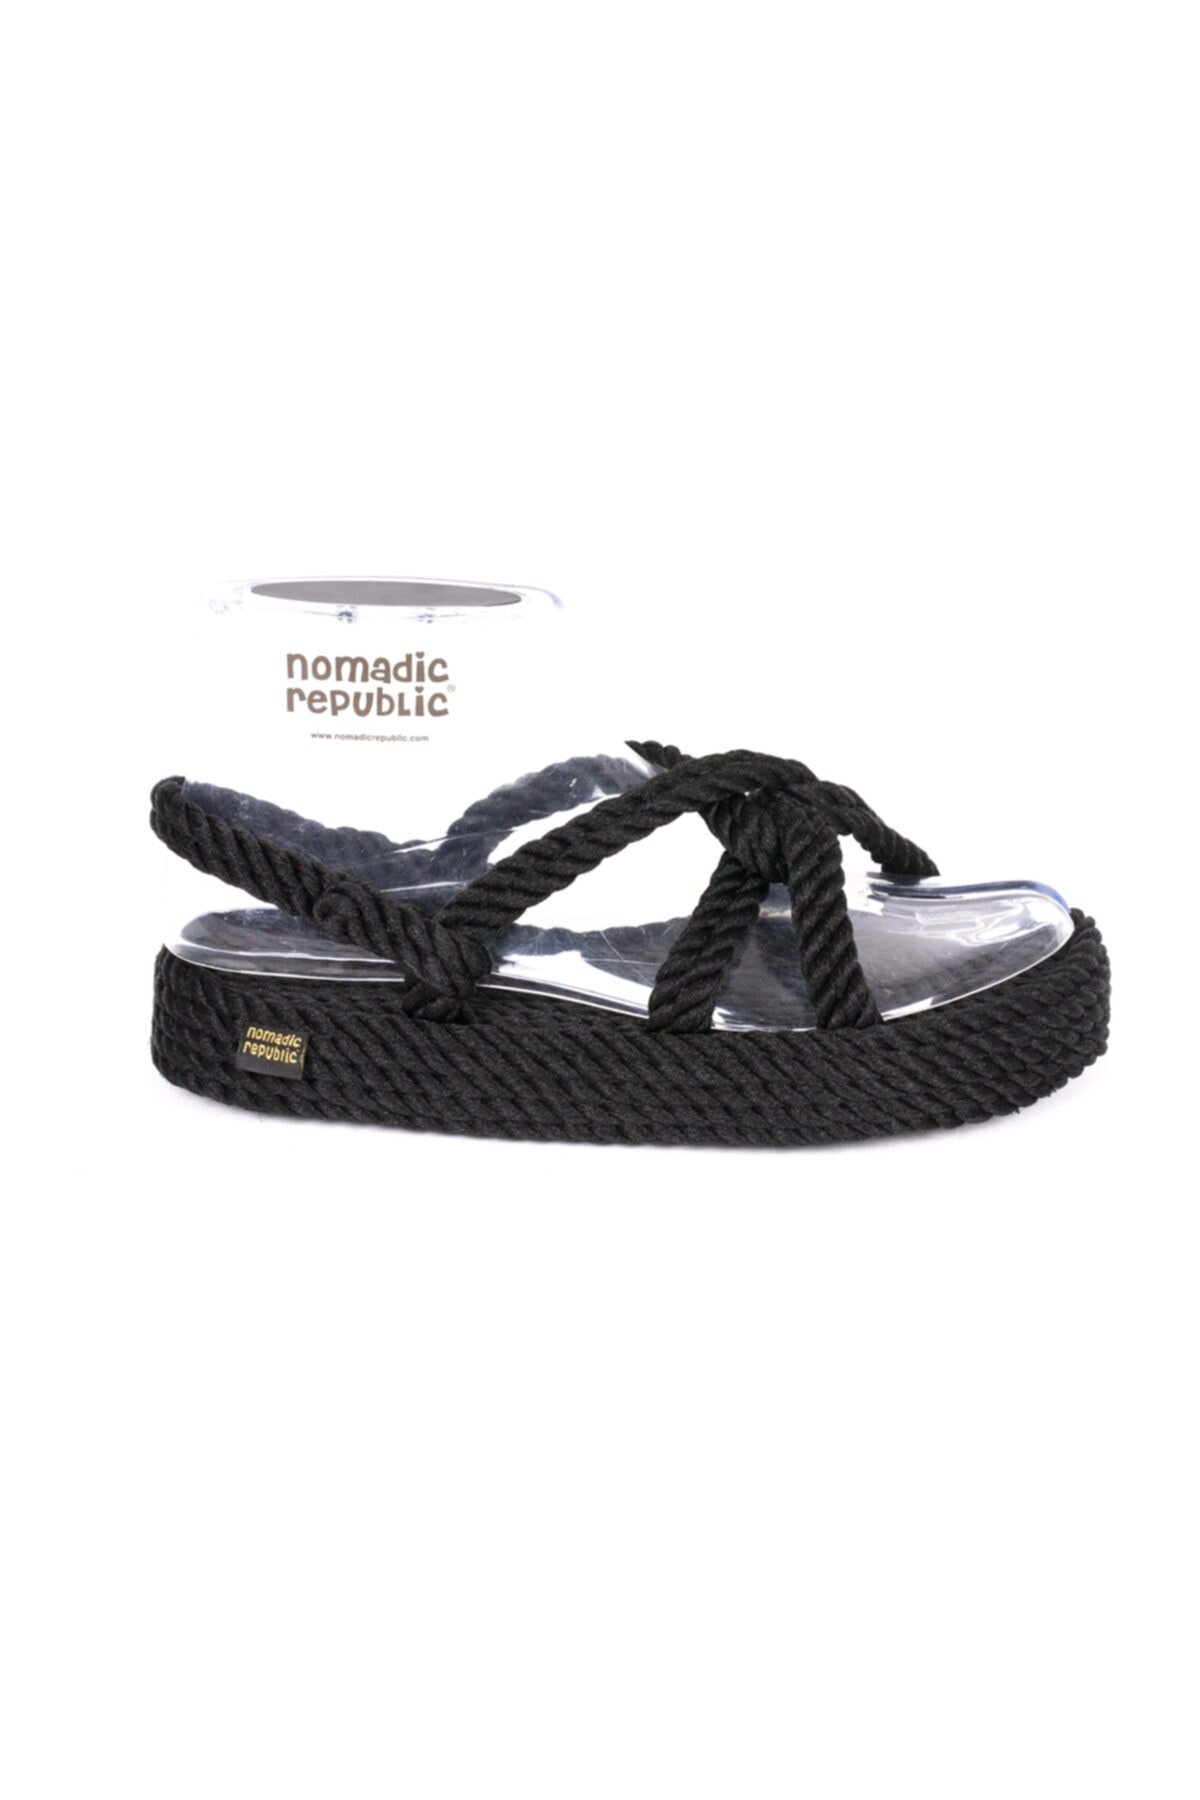 Nomadic Republic Bora Bora Platform Kadın Kalın Taban Ip Sandalet 2